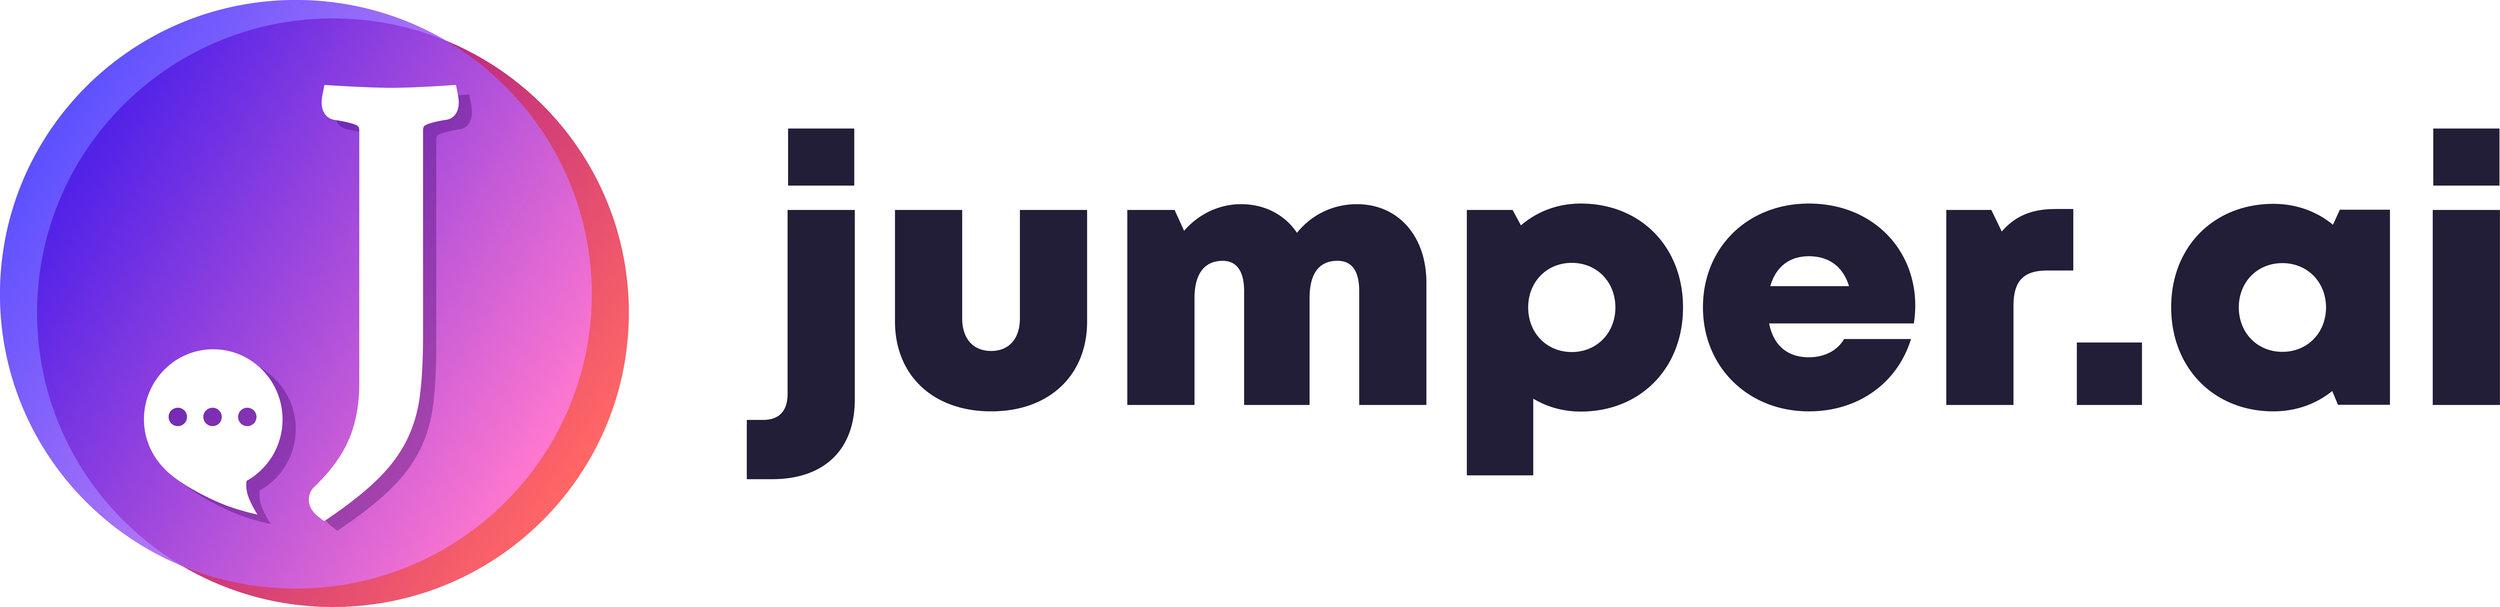 Jumper logo jpg.jpg